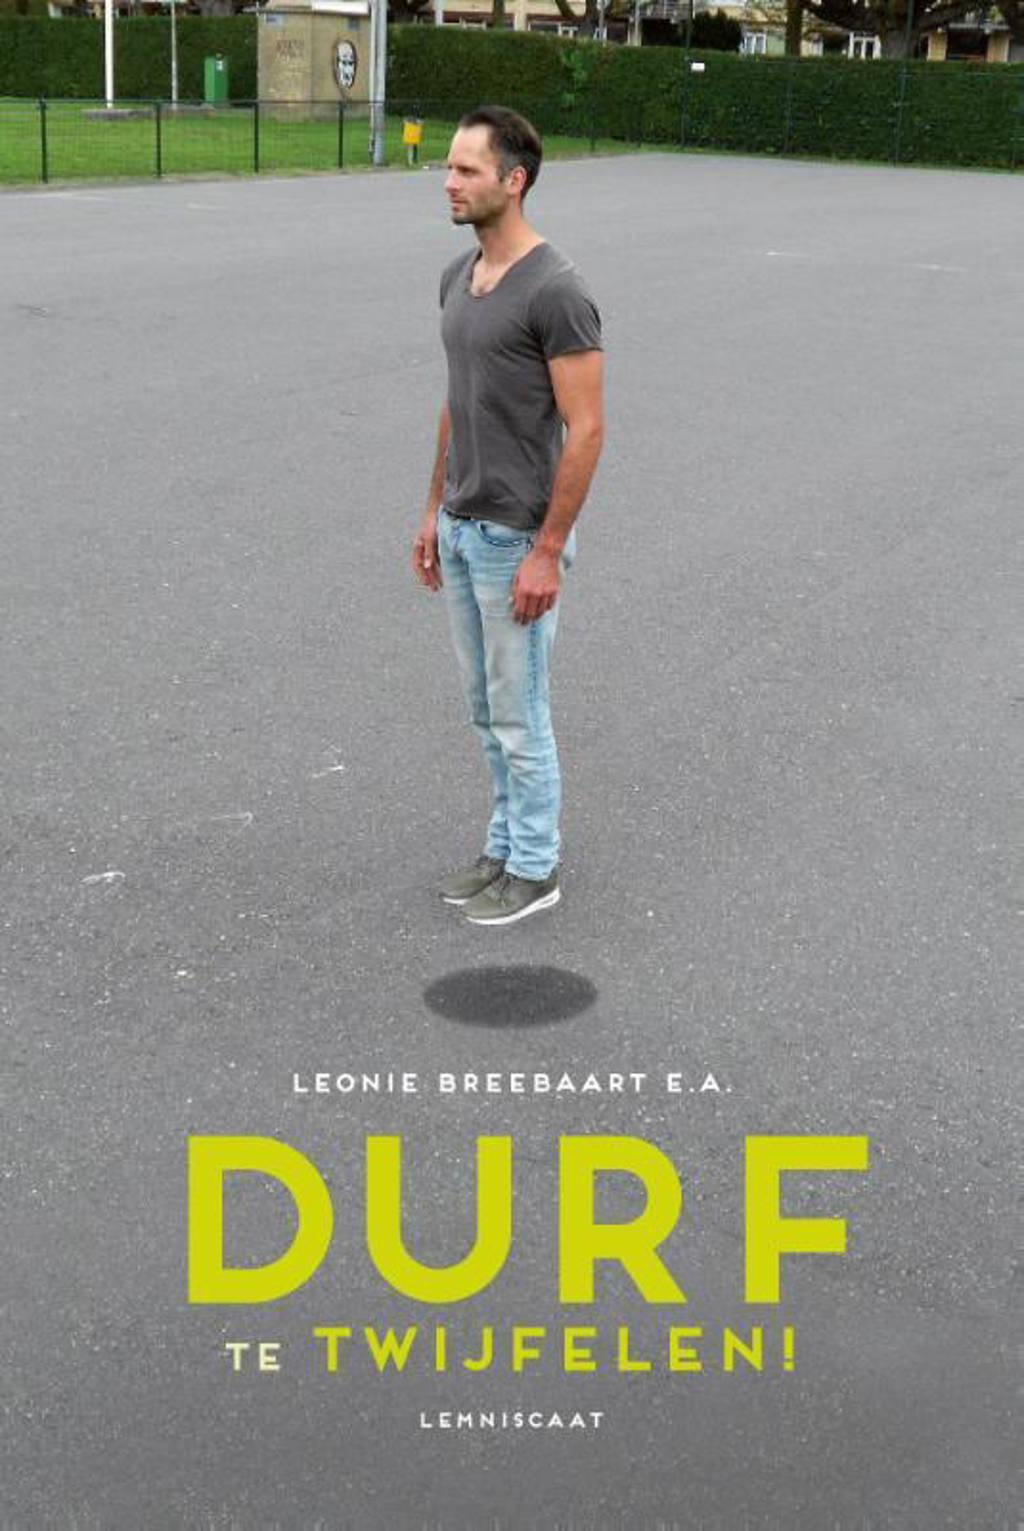 Durf te twijfelen - Leonie Breebaart, Marc van Dijk, Maurice Turnhout, e.a.